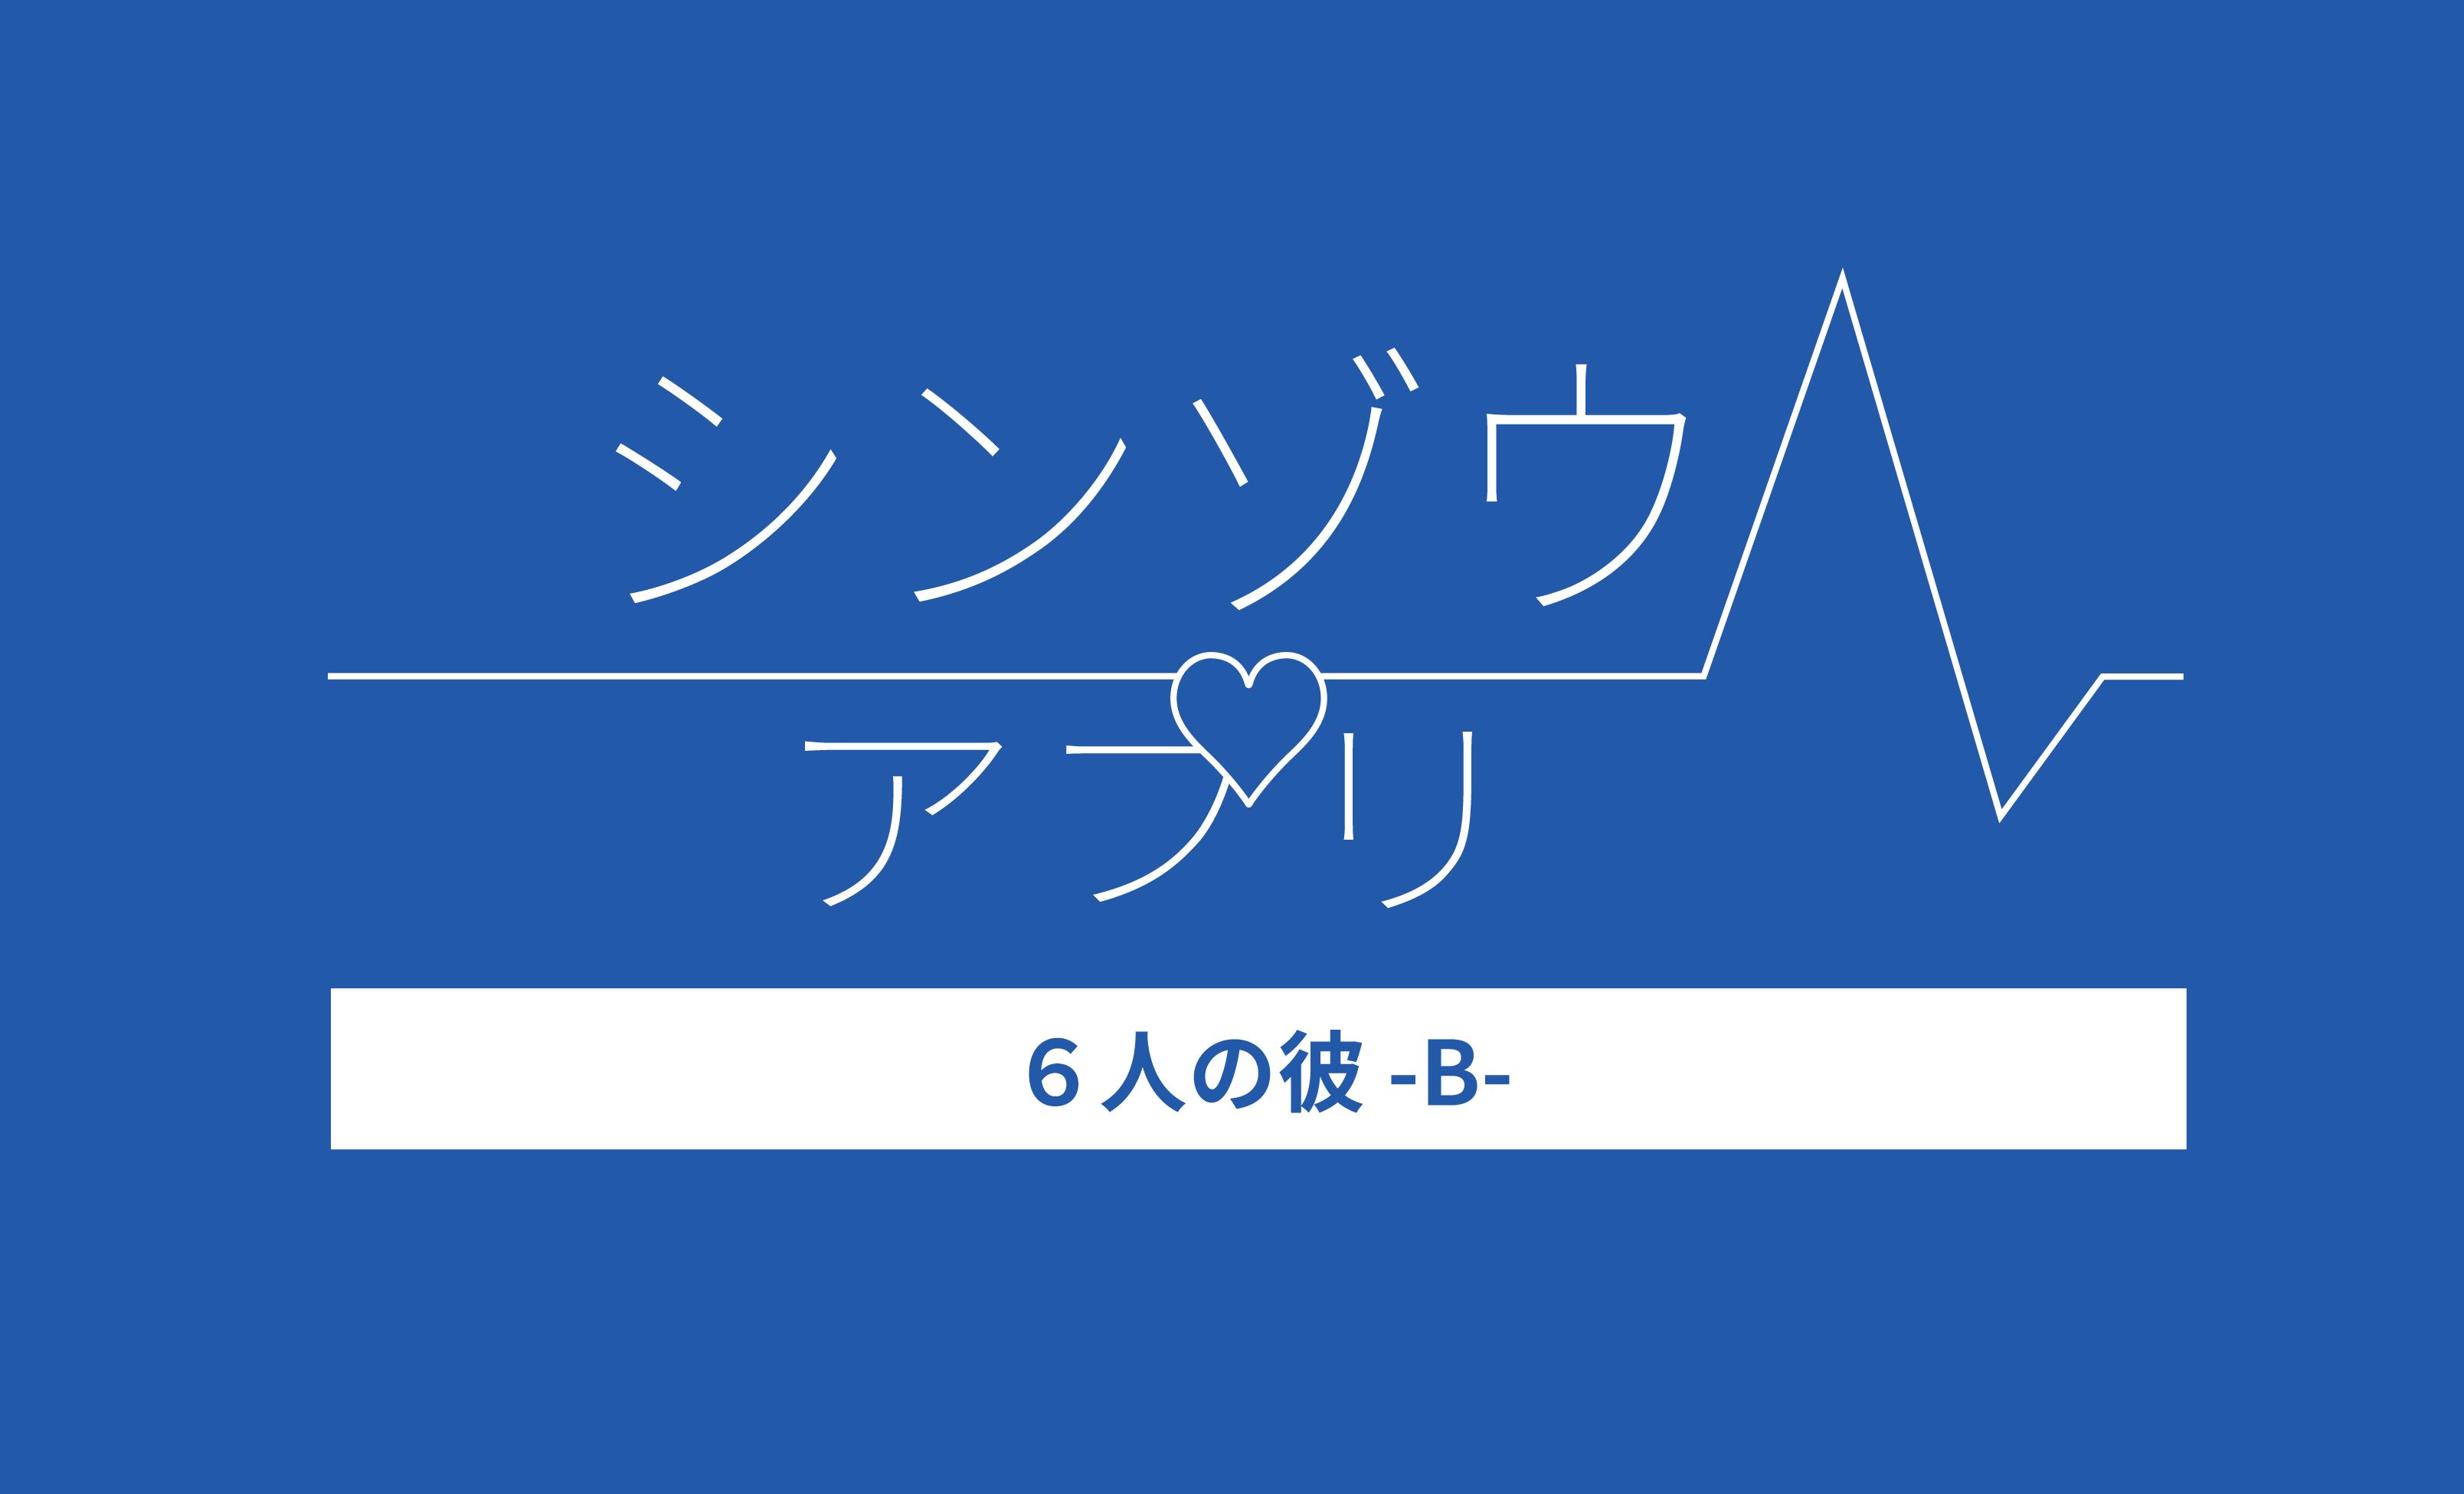 シンゾウアプリ_6人の彼_-B-_